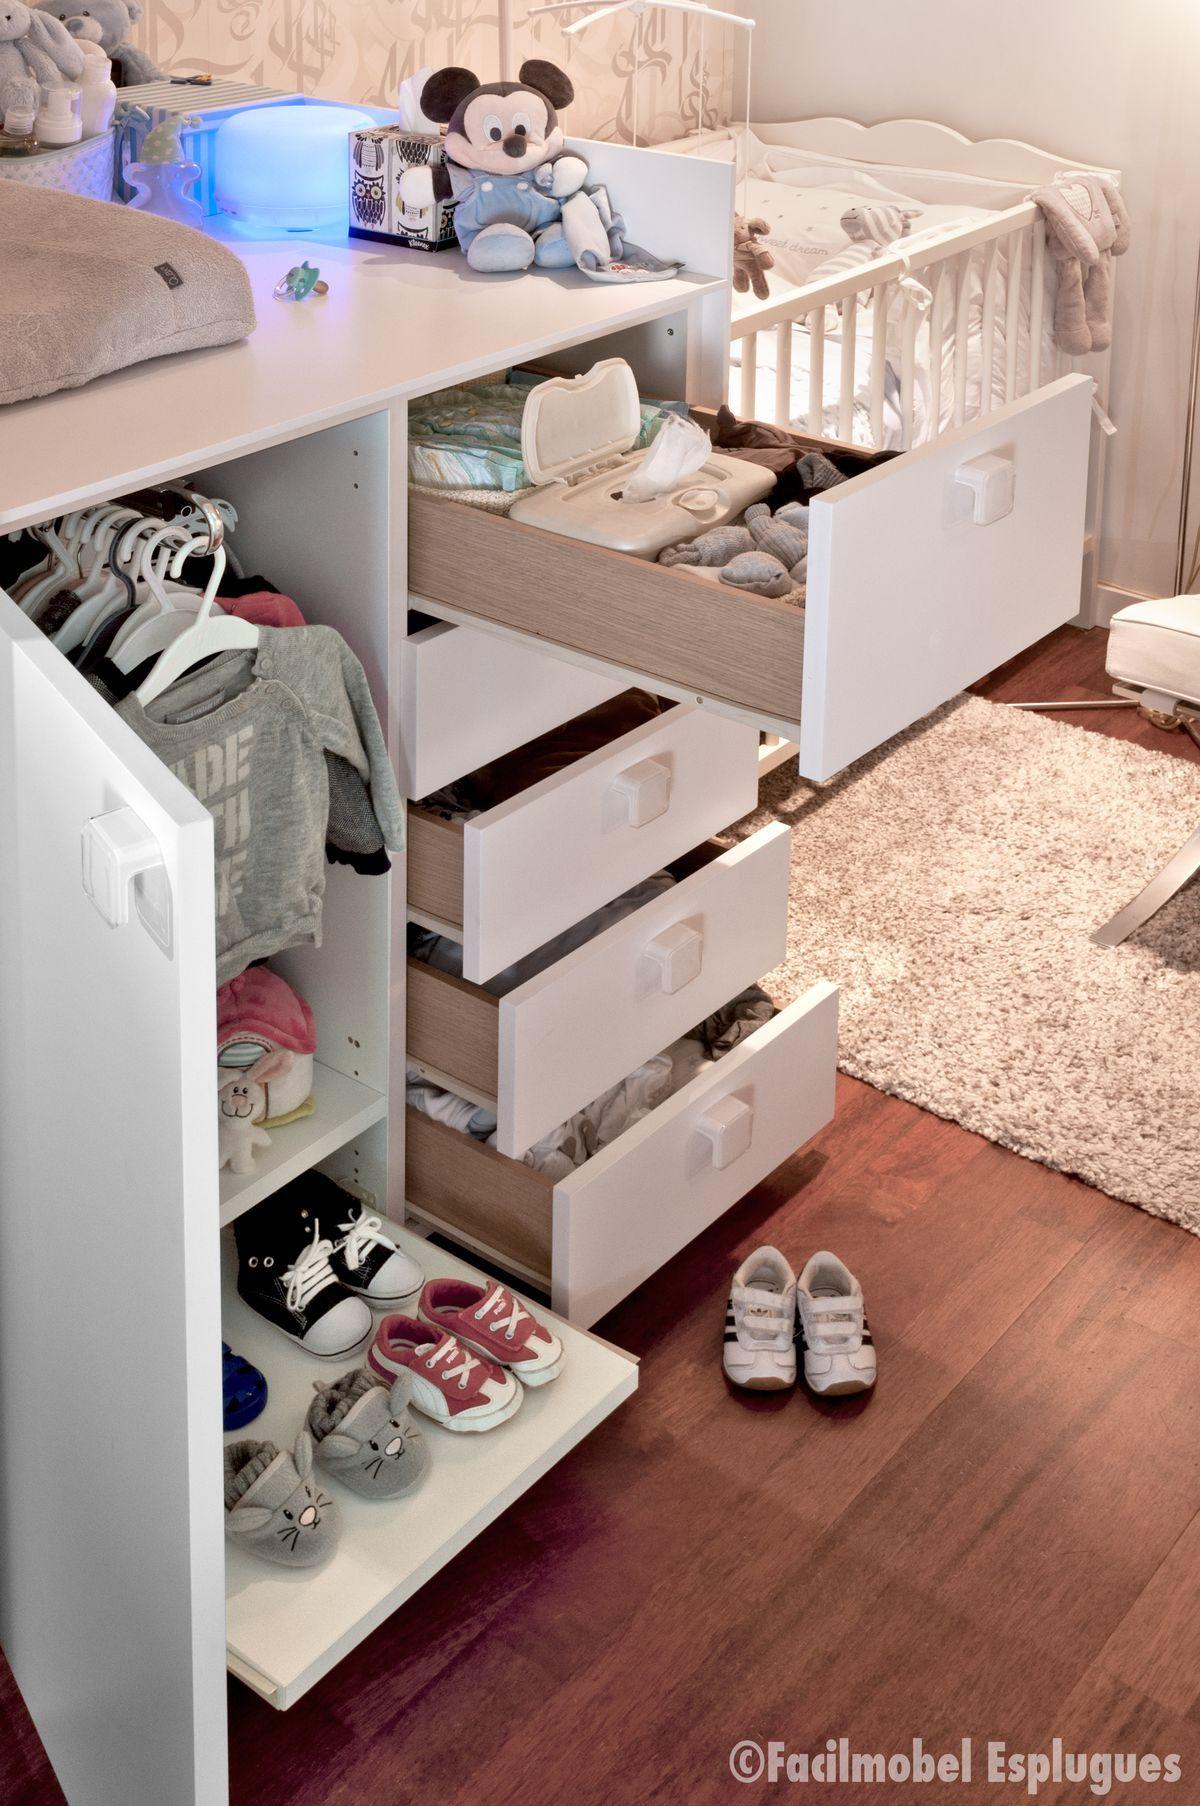 Pin de María Bledel en Livings | Pinterest | Bebe, Bebé y Muebles bebe